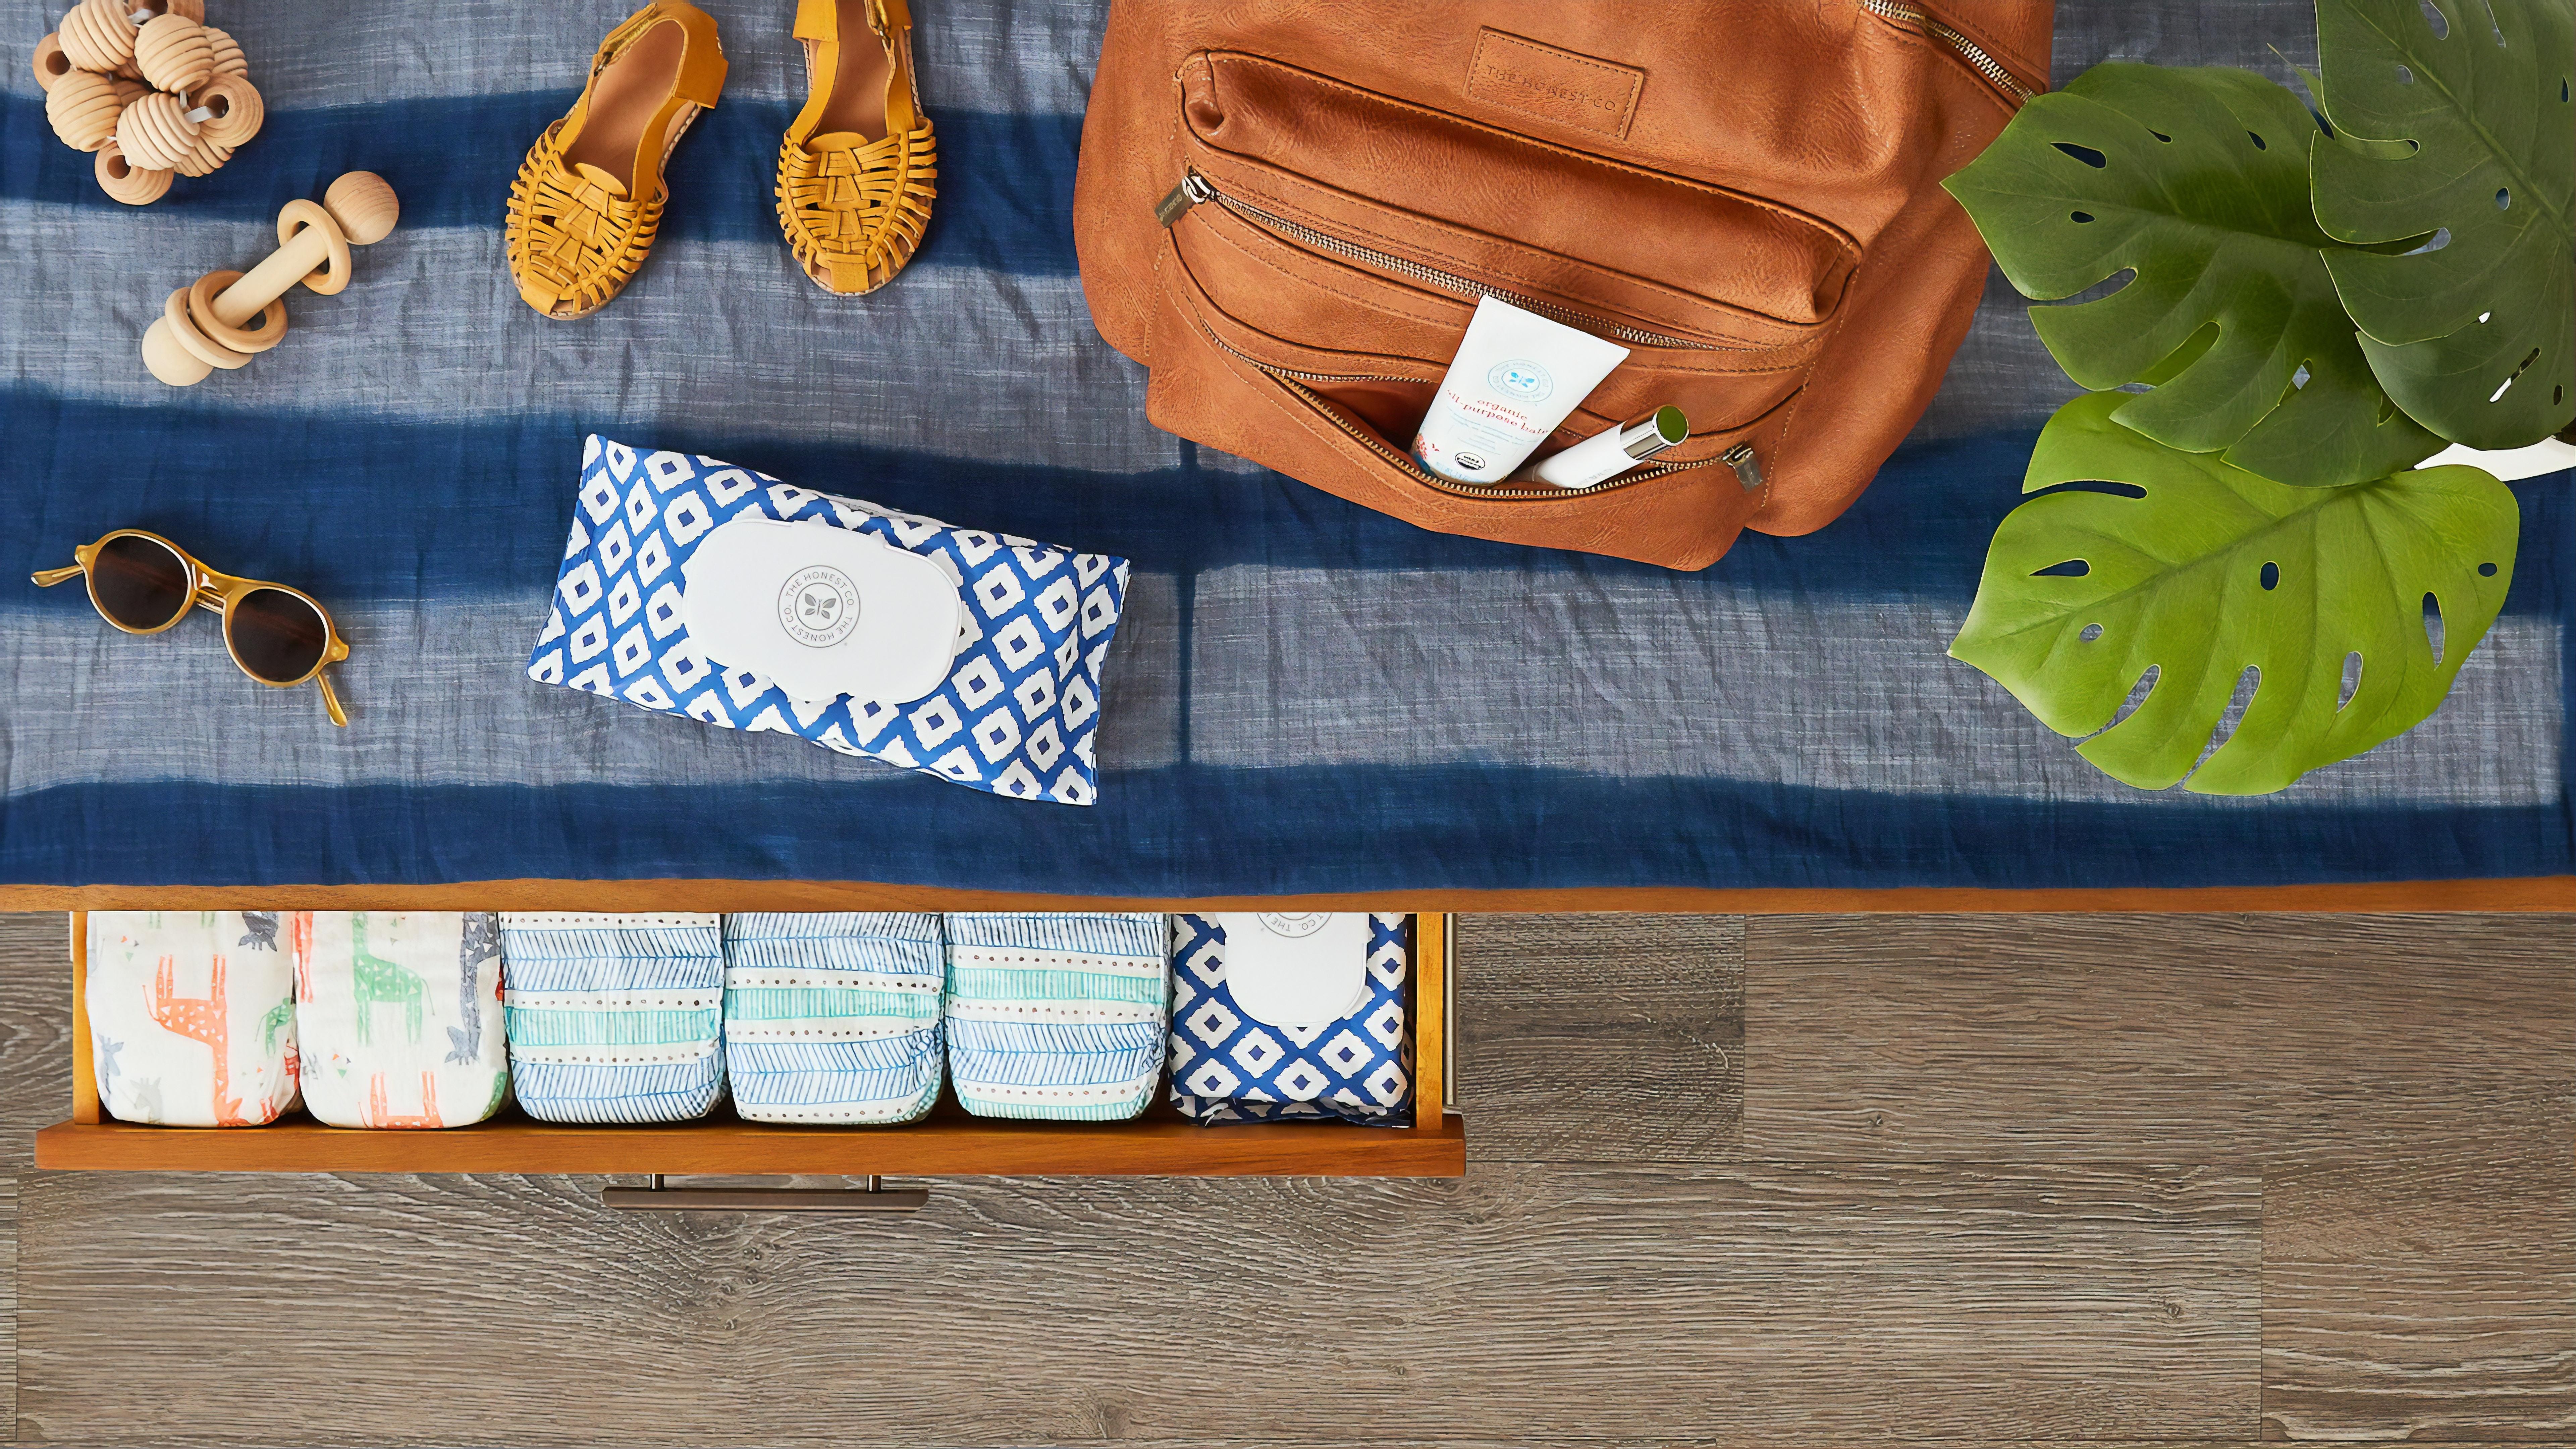 Top 10 Best Diaper Bags